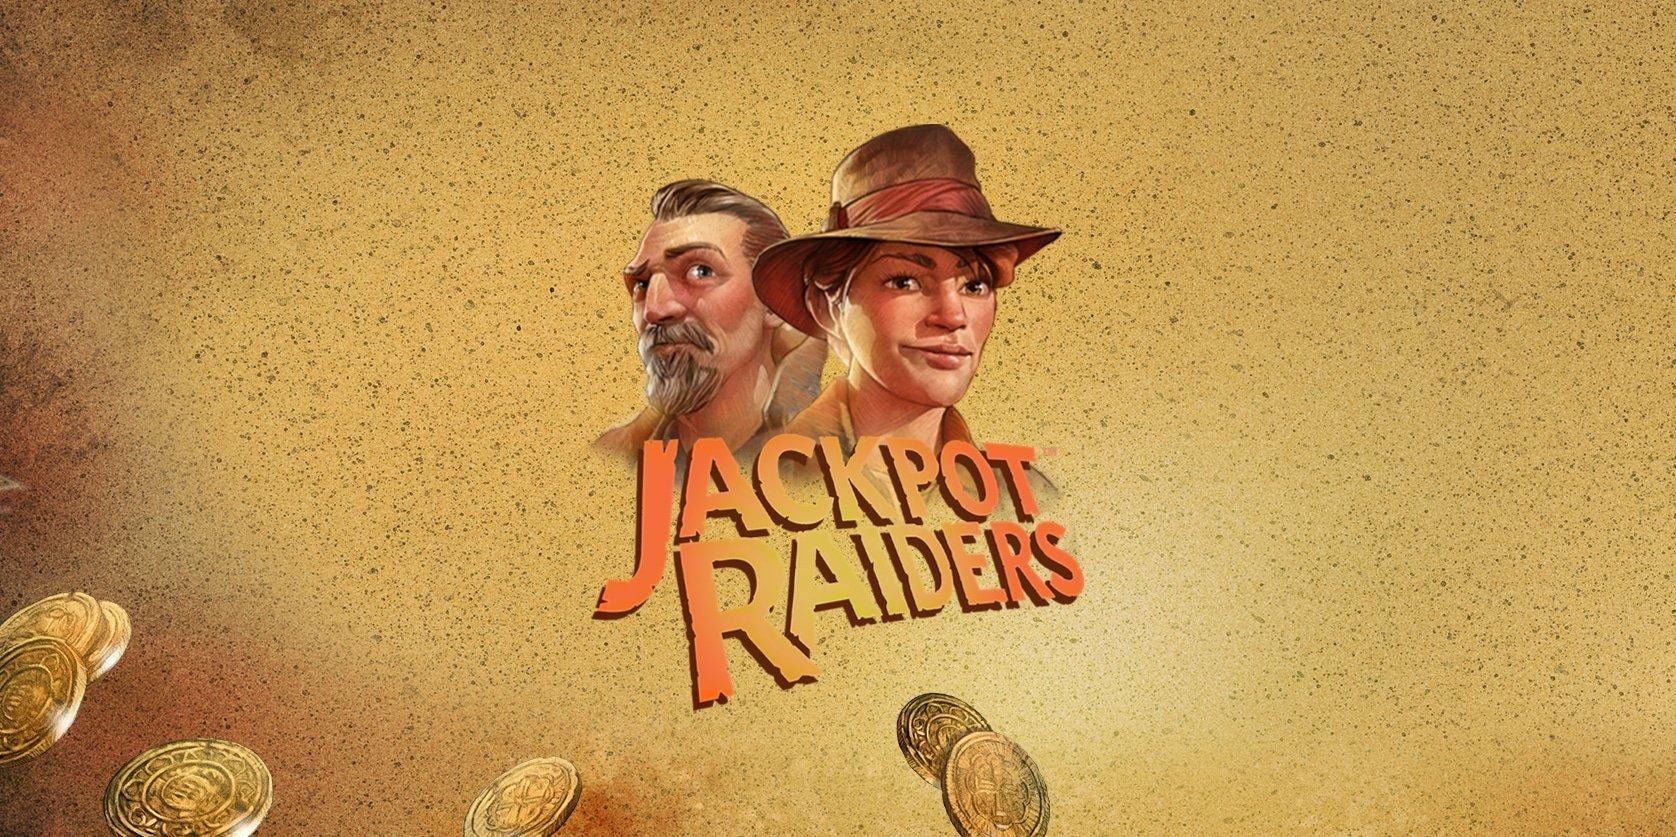 Jackpotraiders1 1